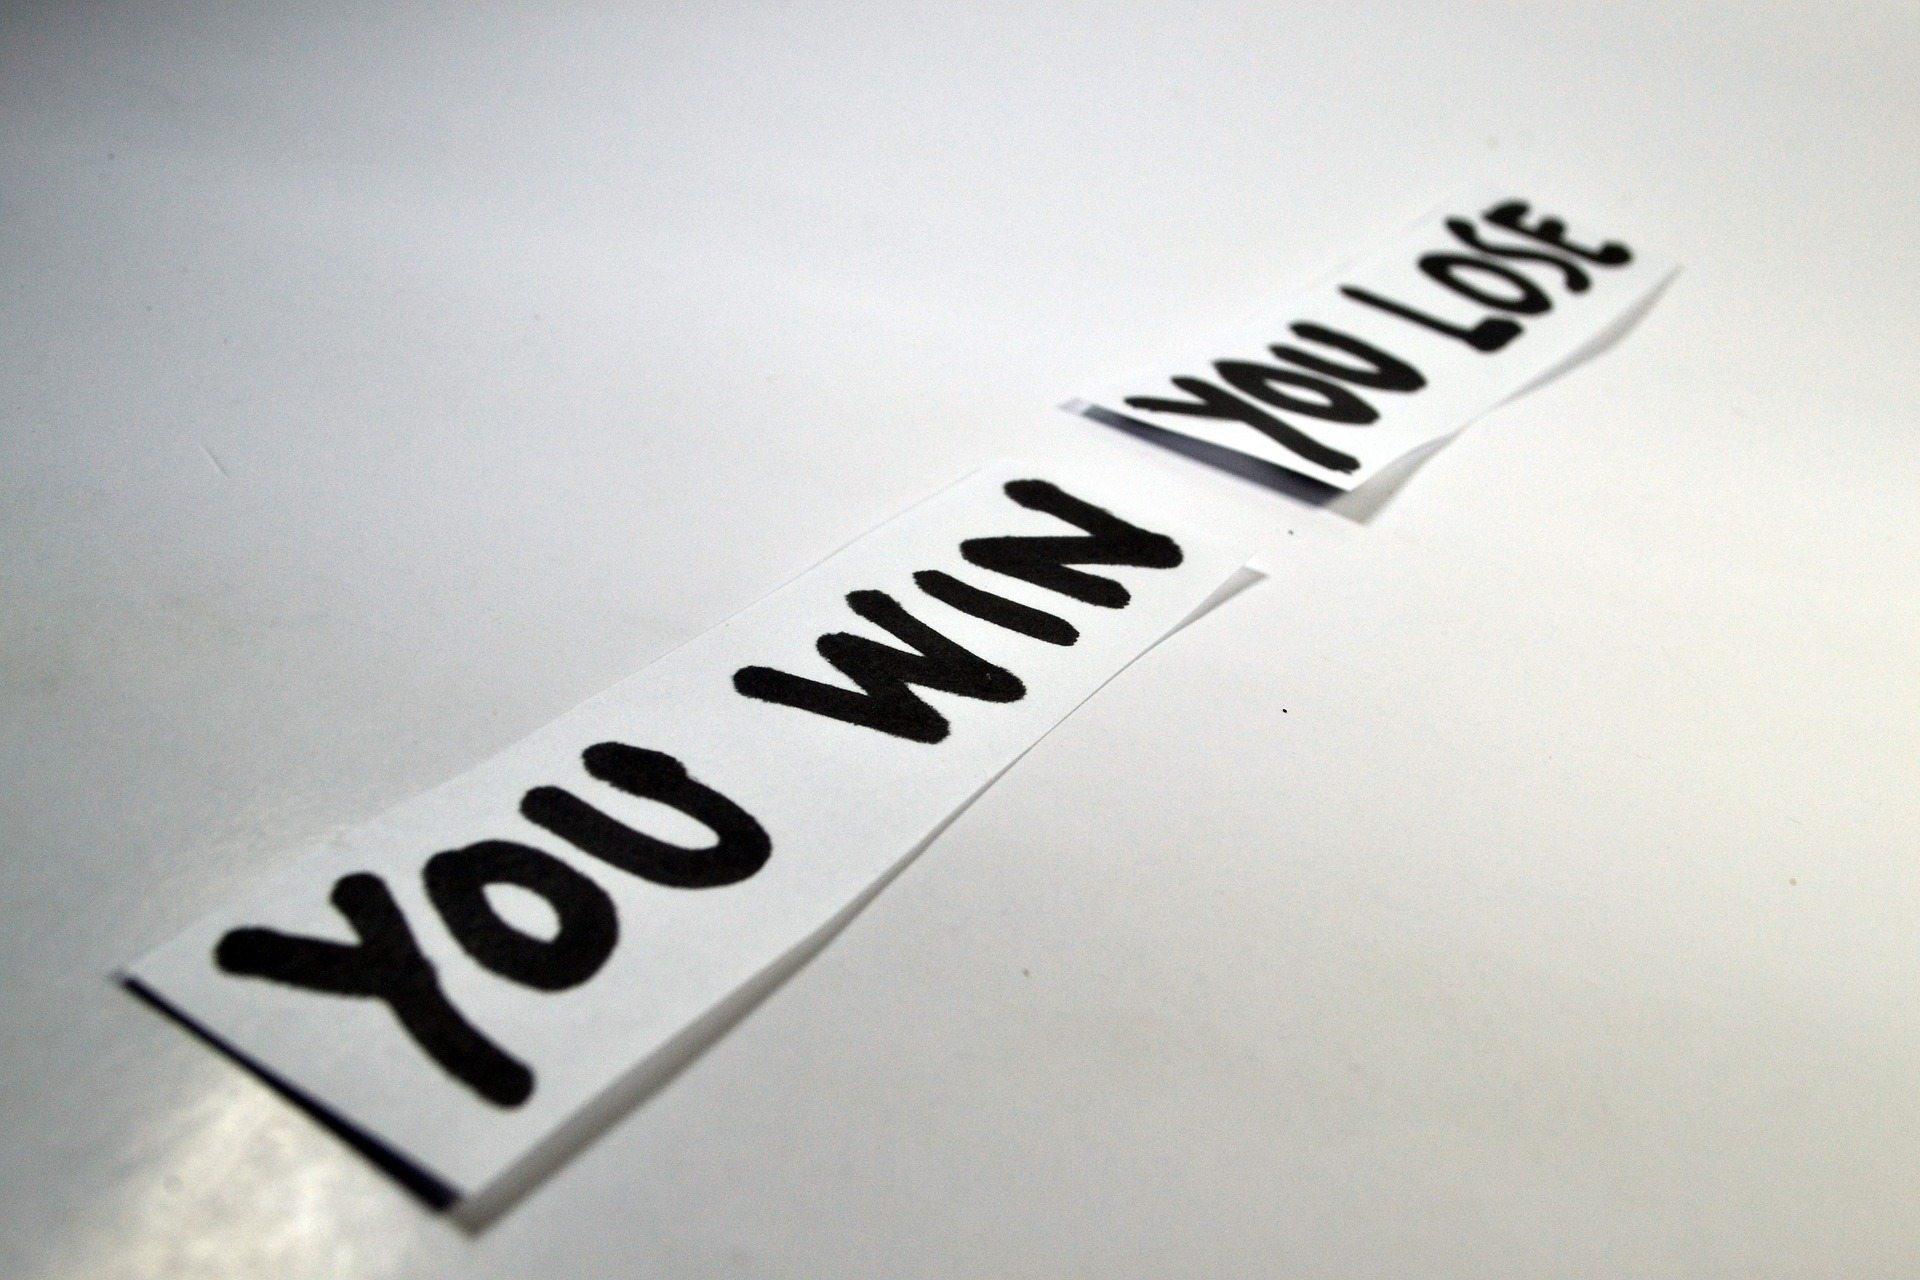 Η ήττα είναι η μεγαλύτερη νίκη